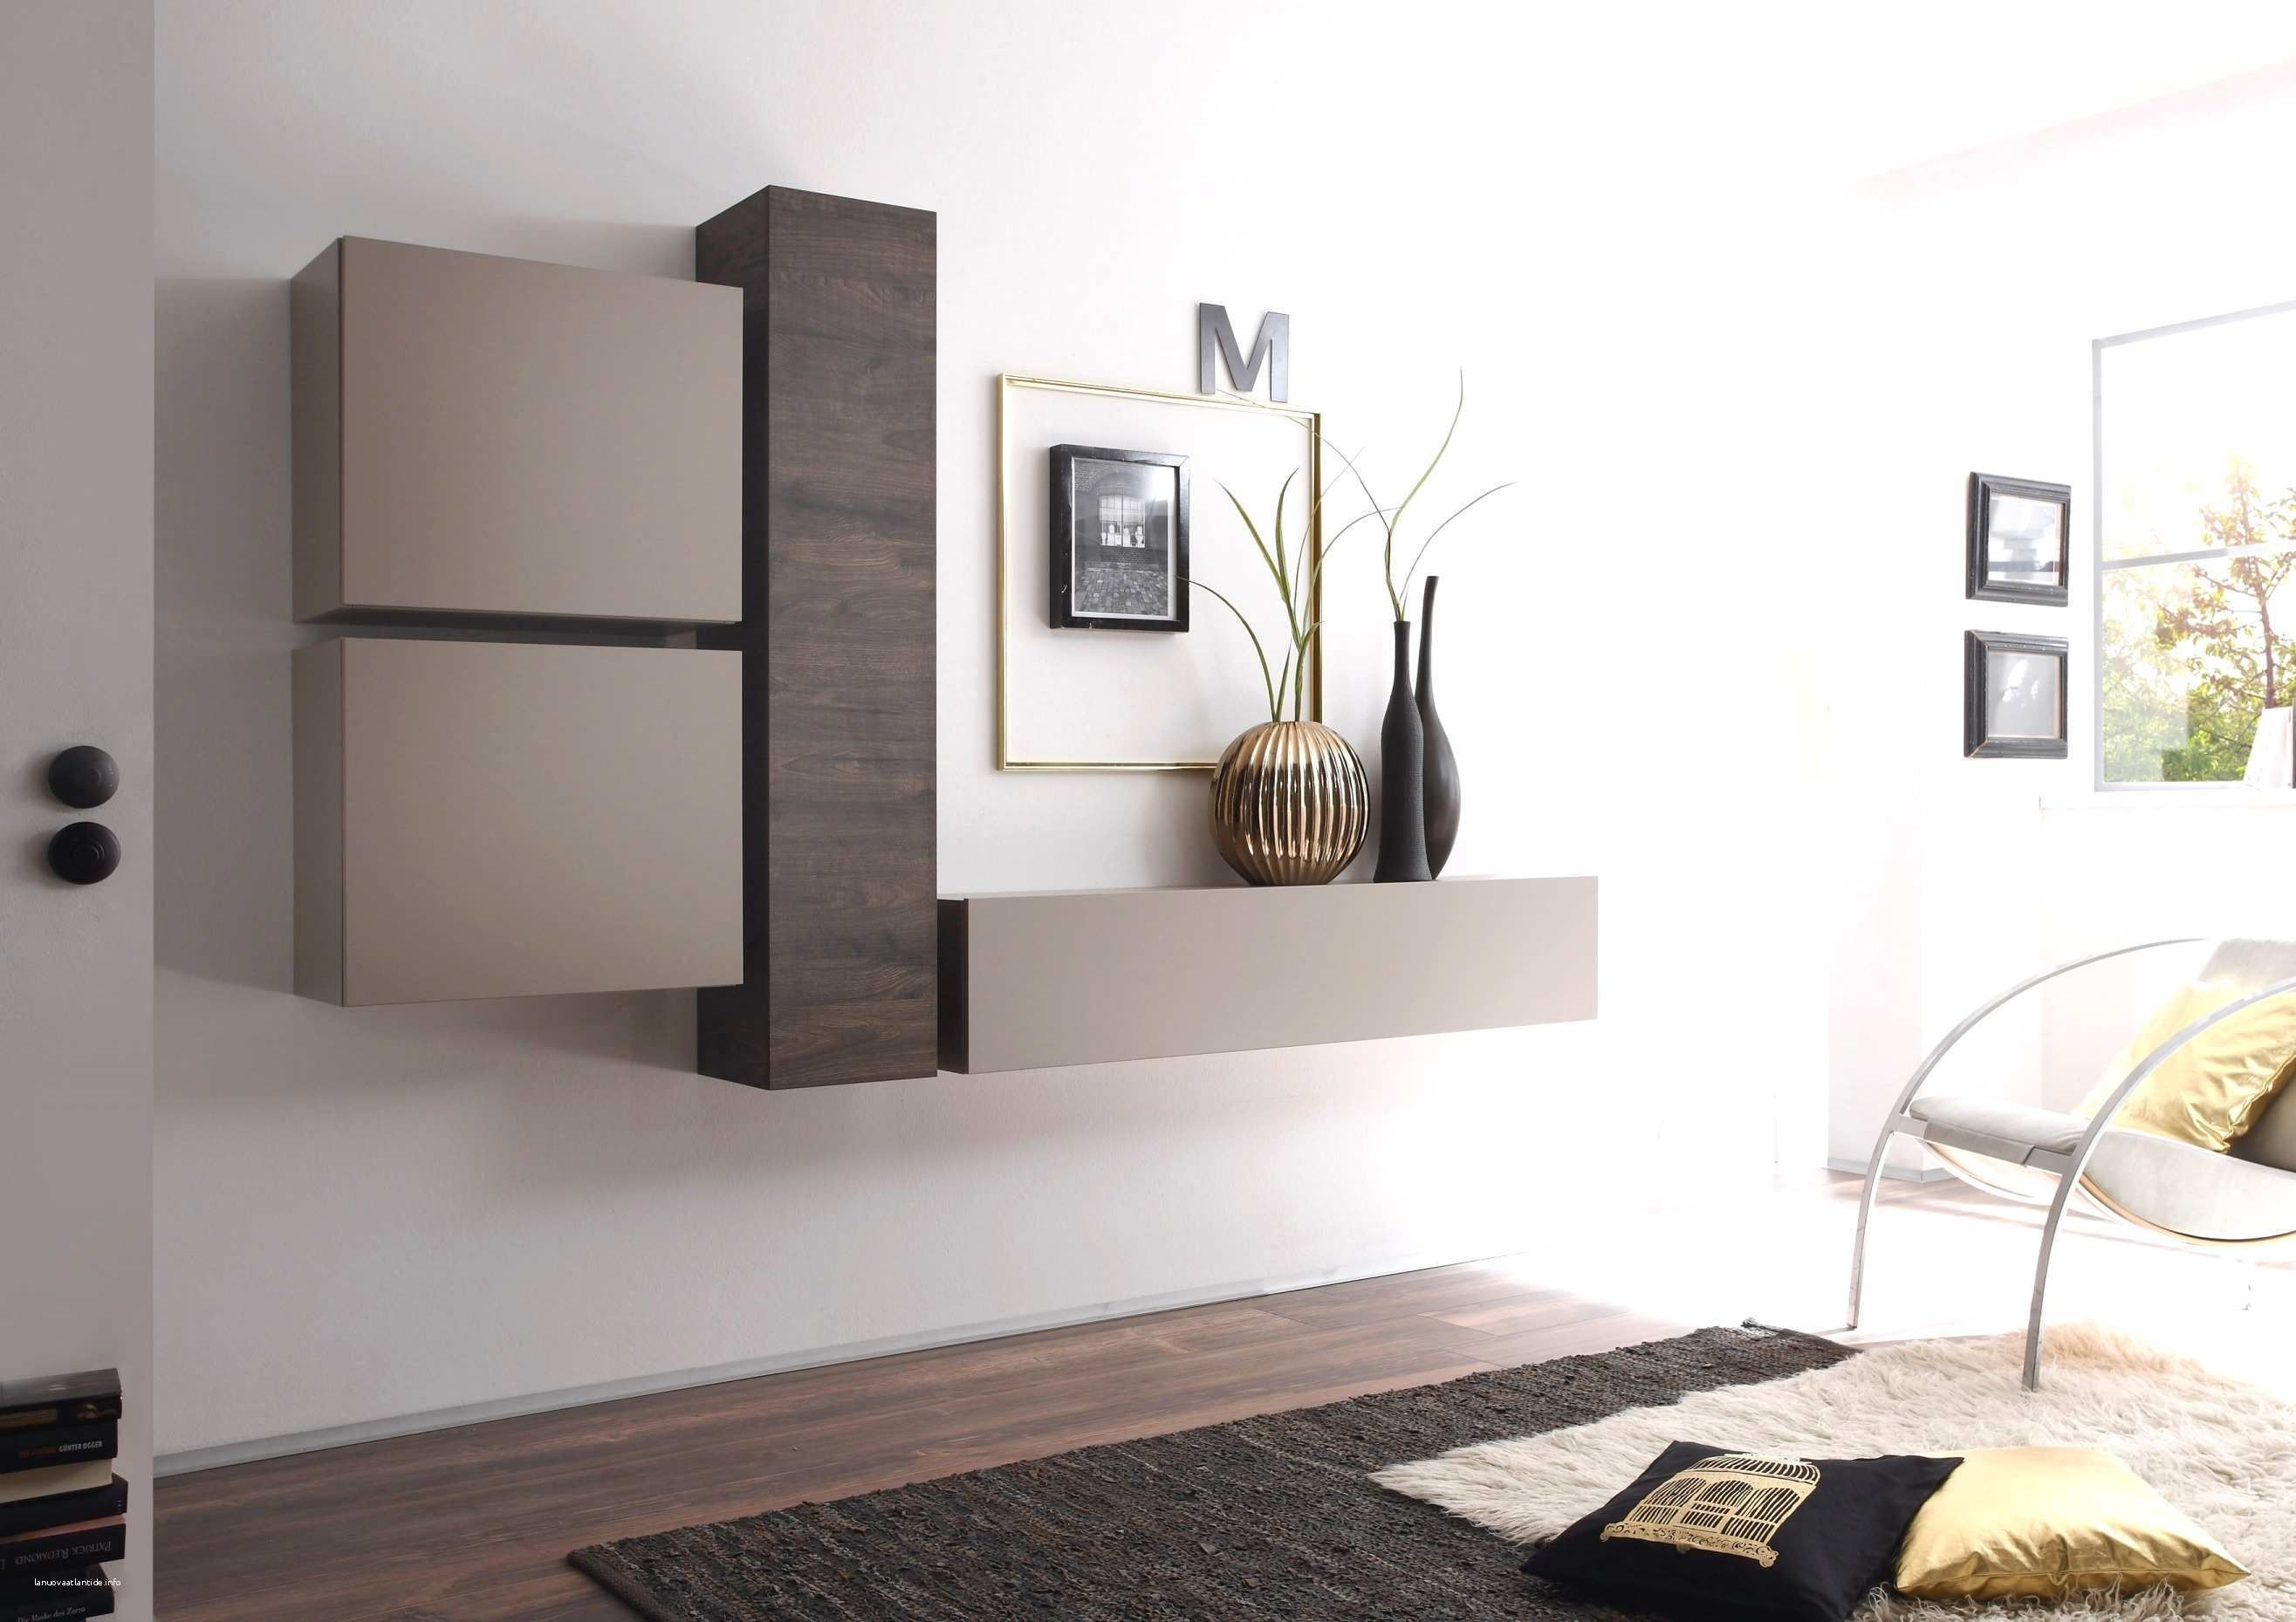 Ikea Wohnzimmer Einrichtung | Wohnzimmer Einrichten Ideen Ikea ...